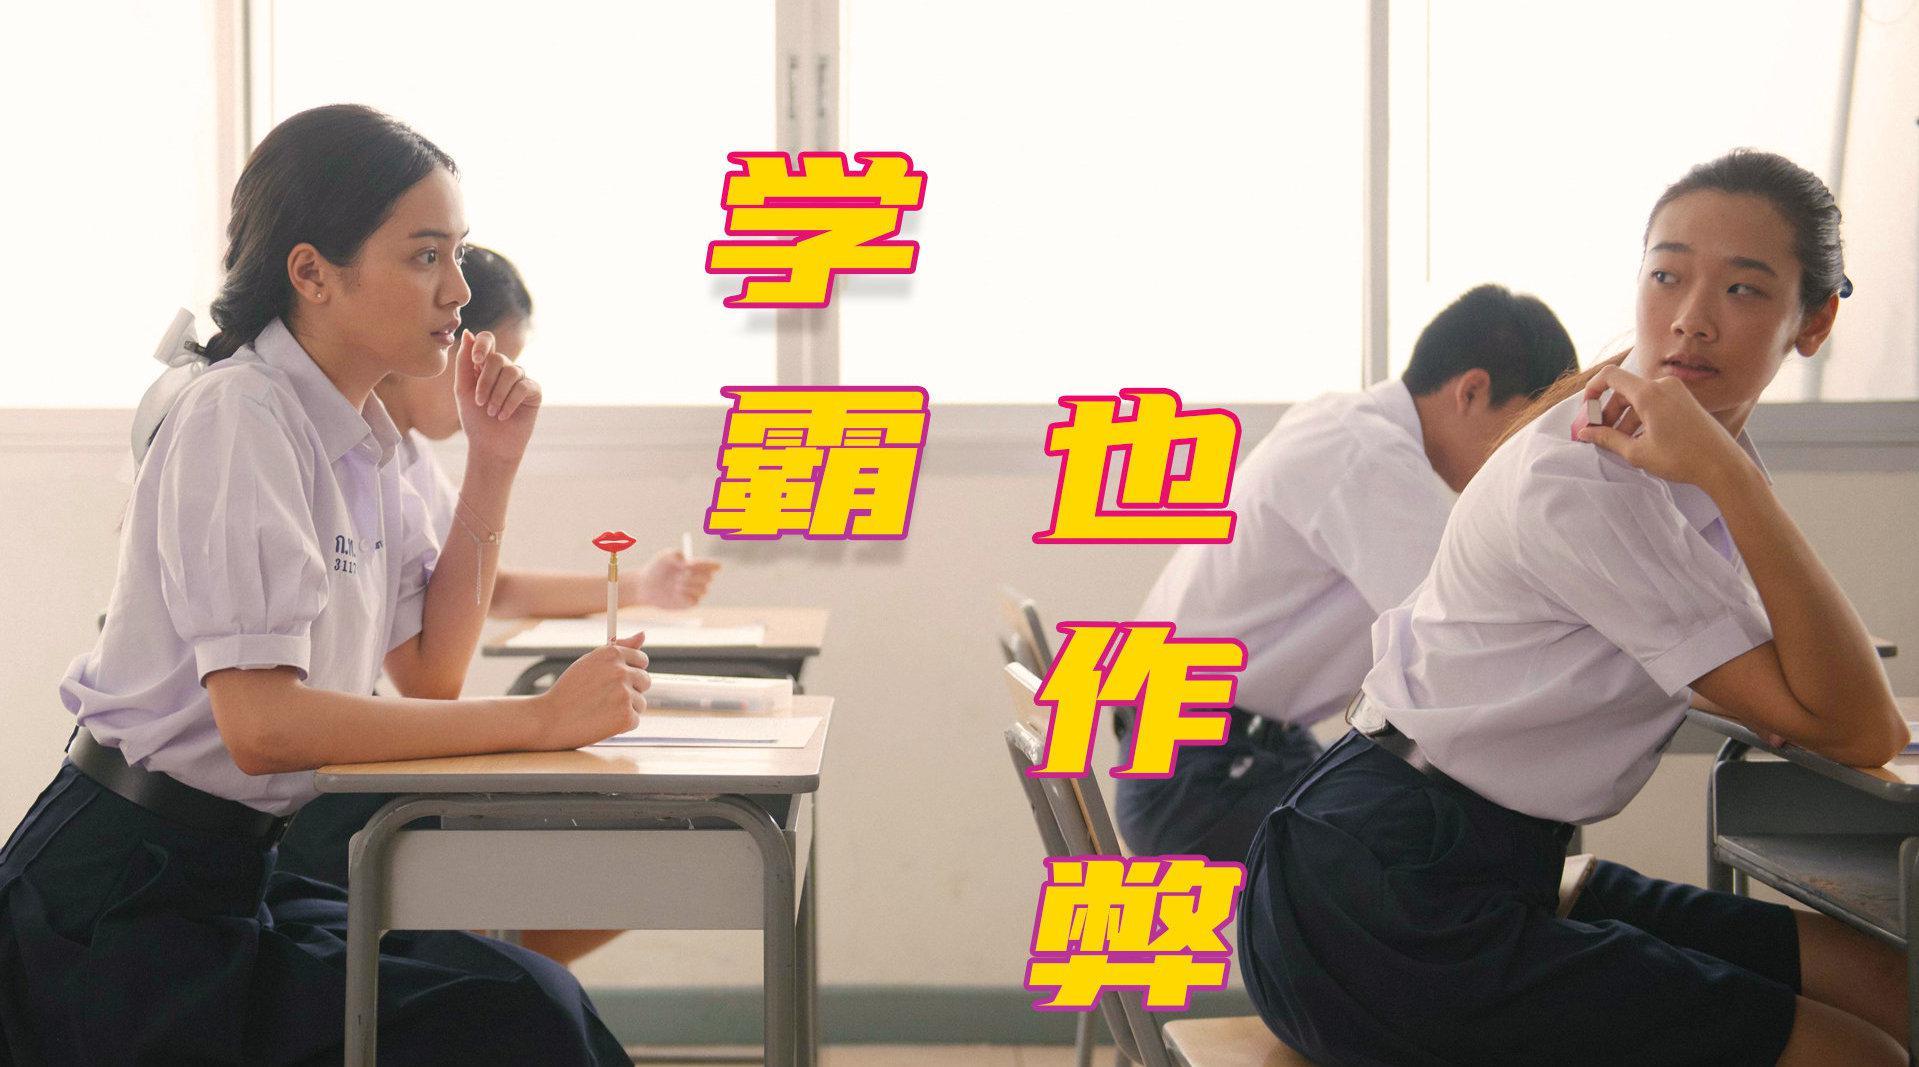 泰国美女学霸进入贵族学校,没想到为了帮助闺蜜考试而作弊……